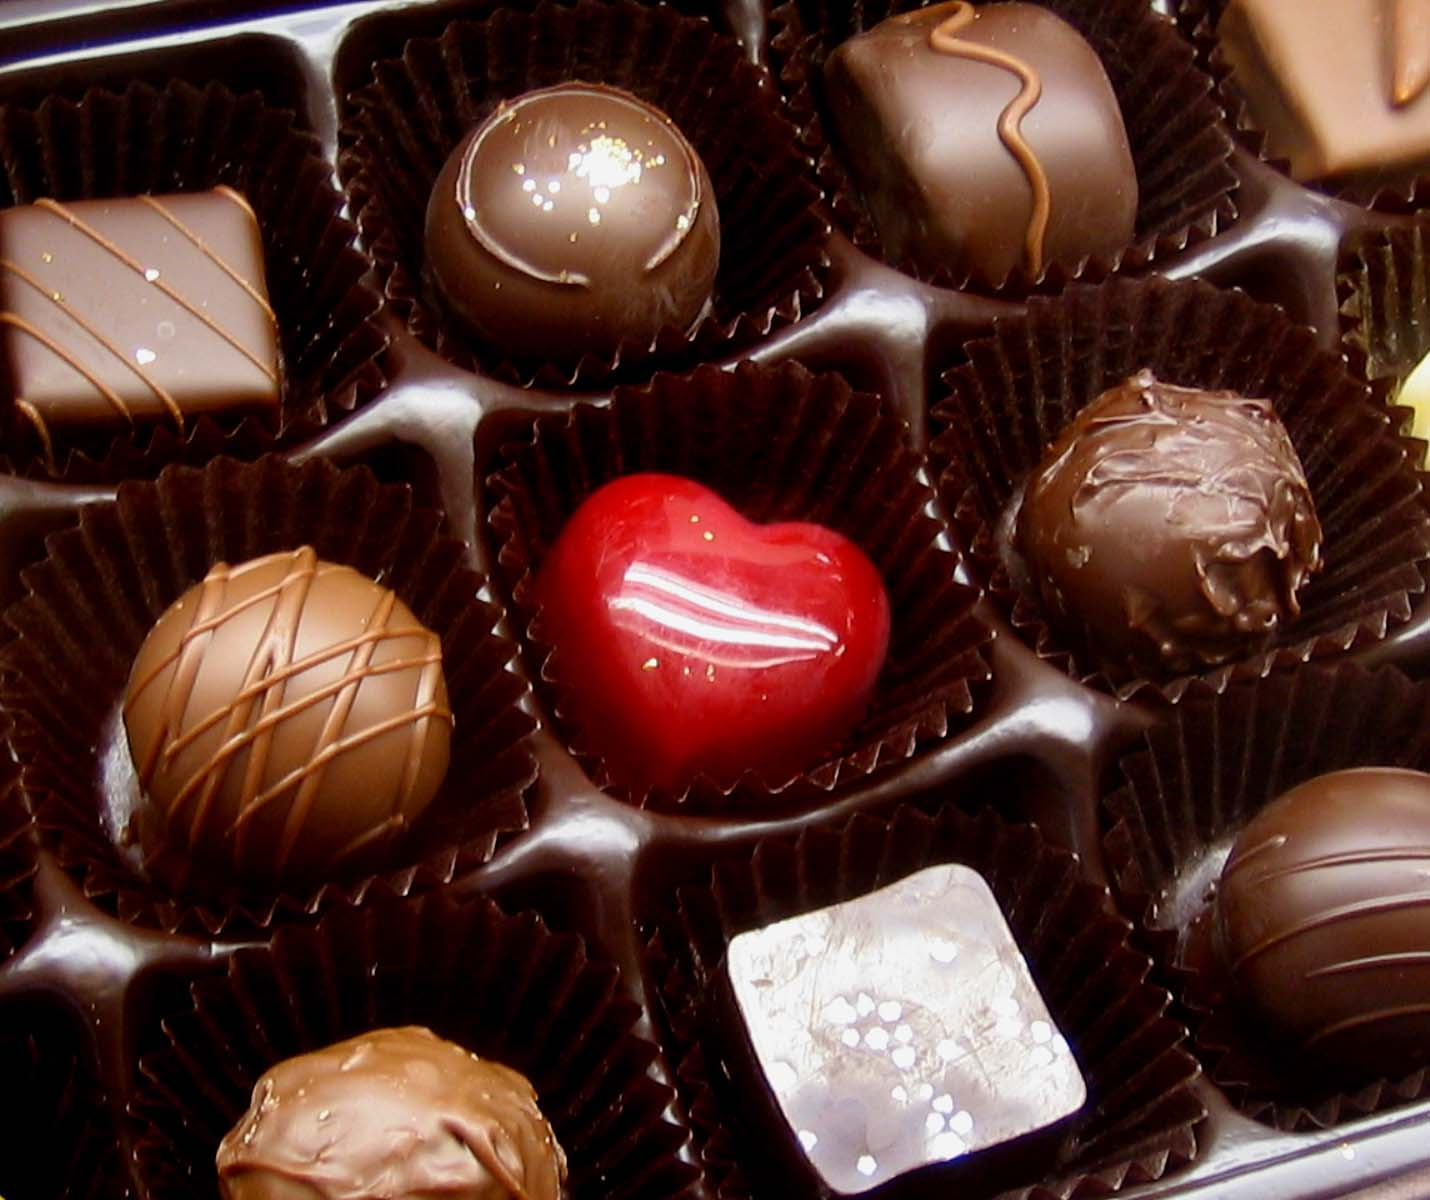 あま~くとろける☆ホッとひと息☆人気のチョコ・レシピ5選のサムネイル画像